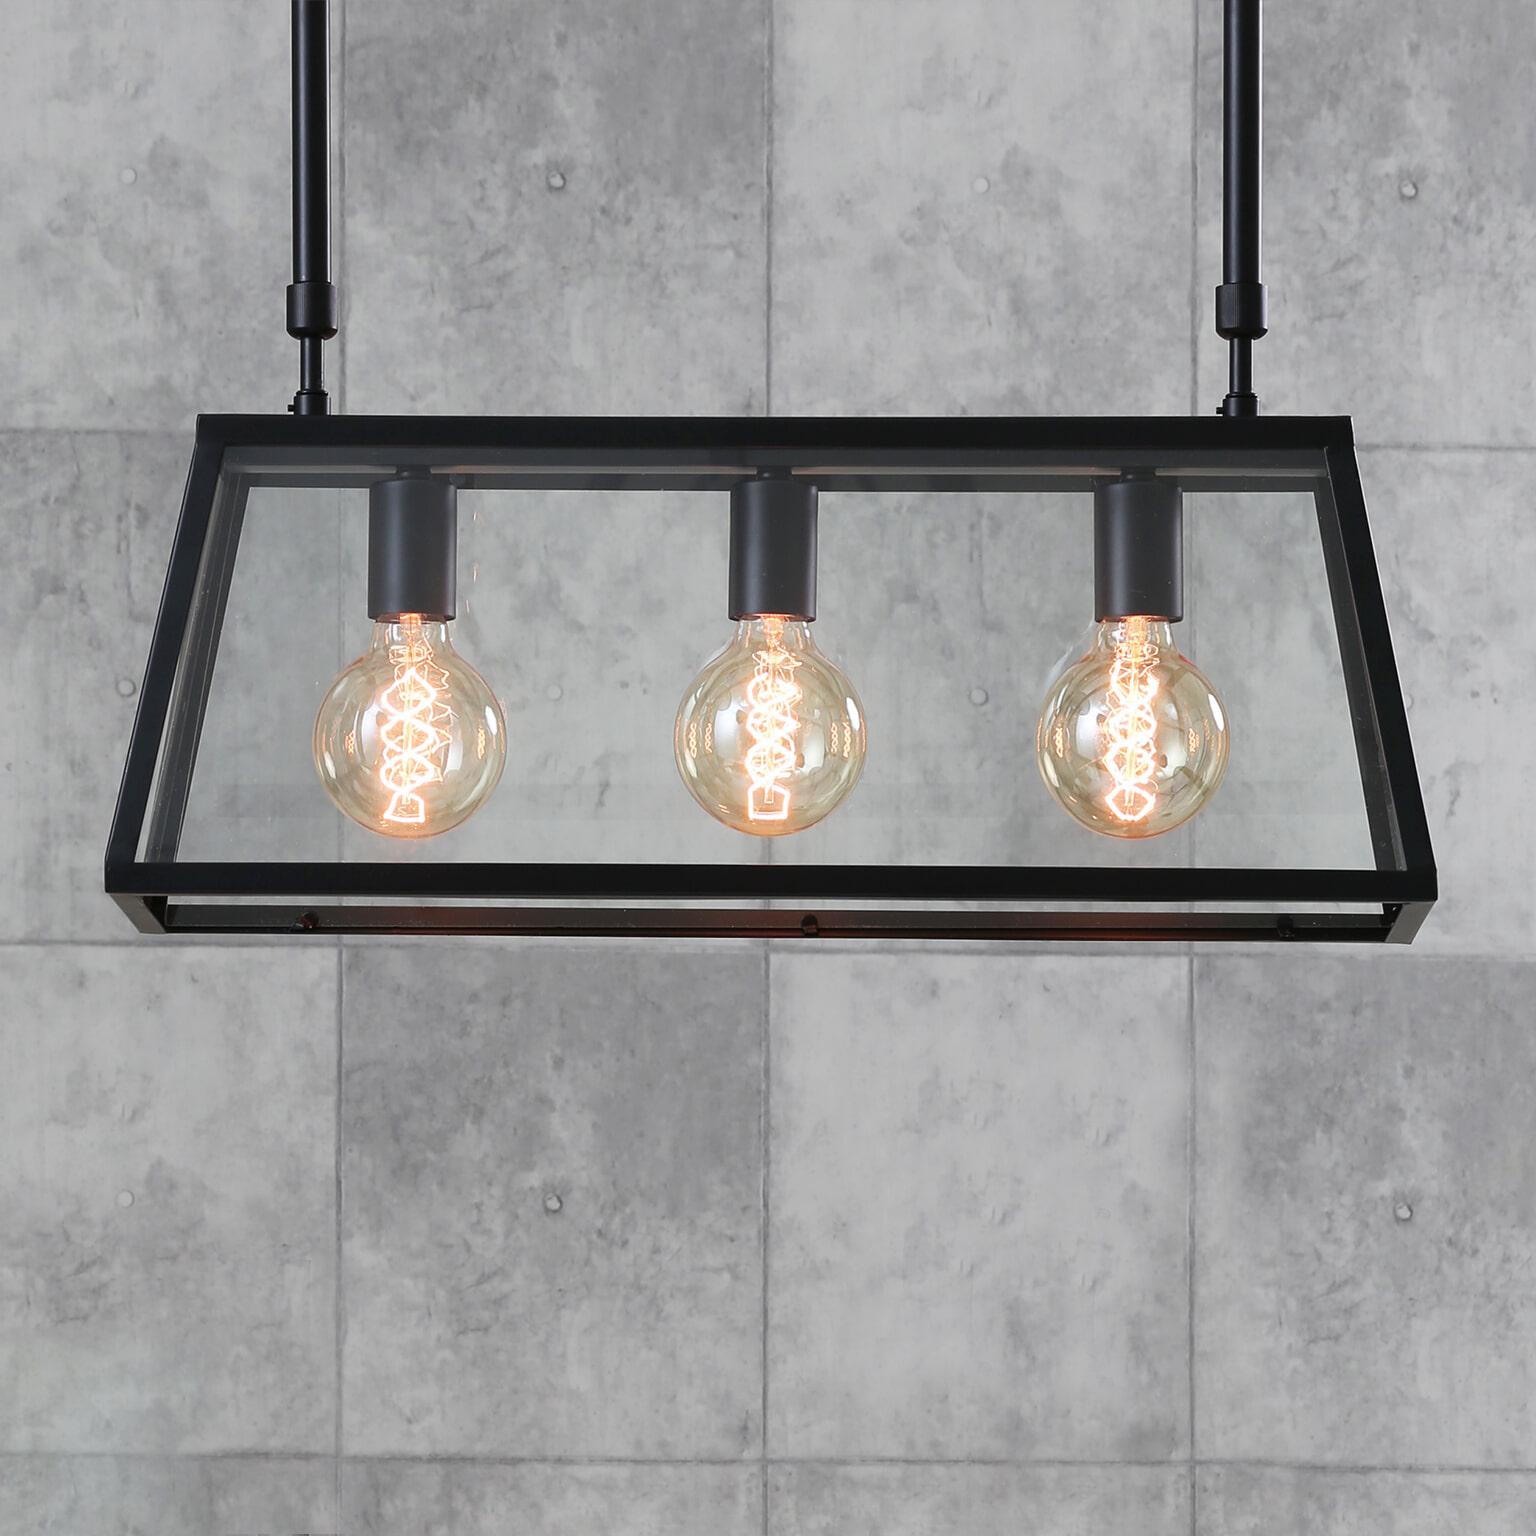 Light & Living Hanglamp 'Svana' 3-Lamps